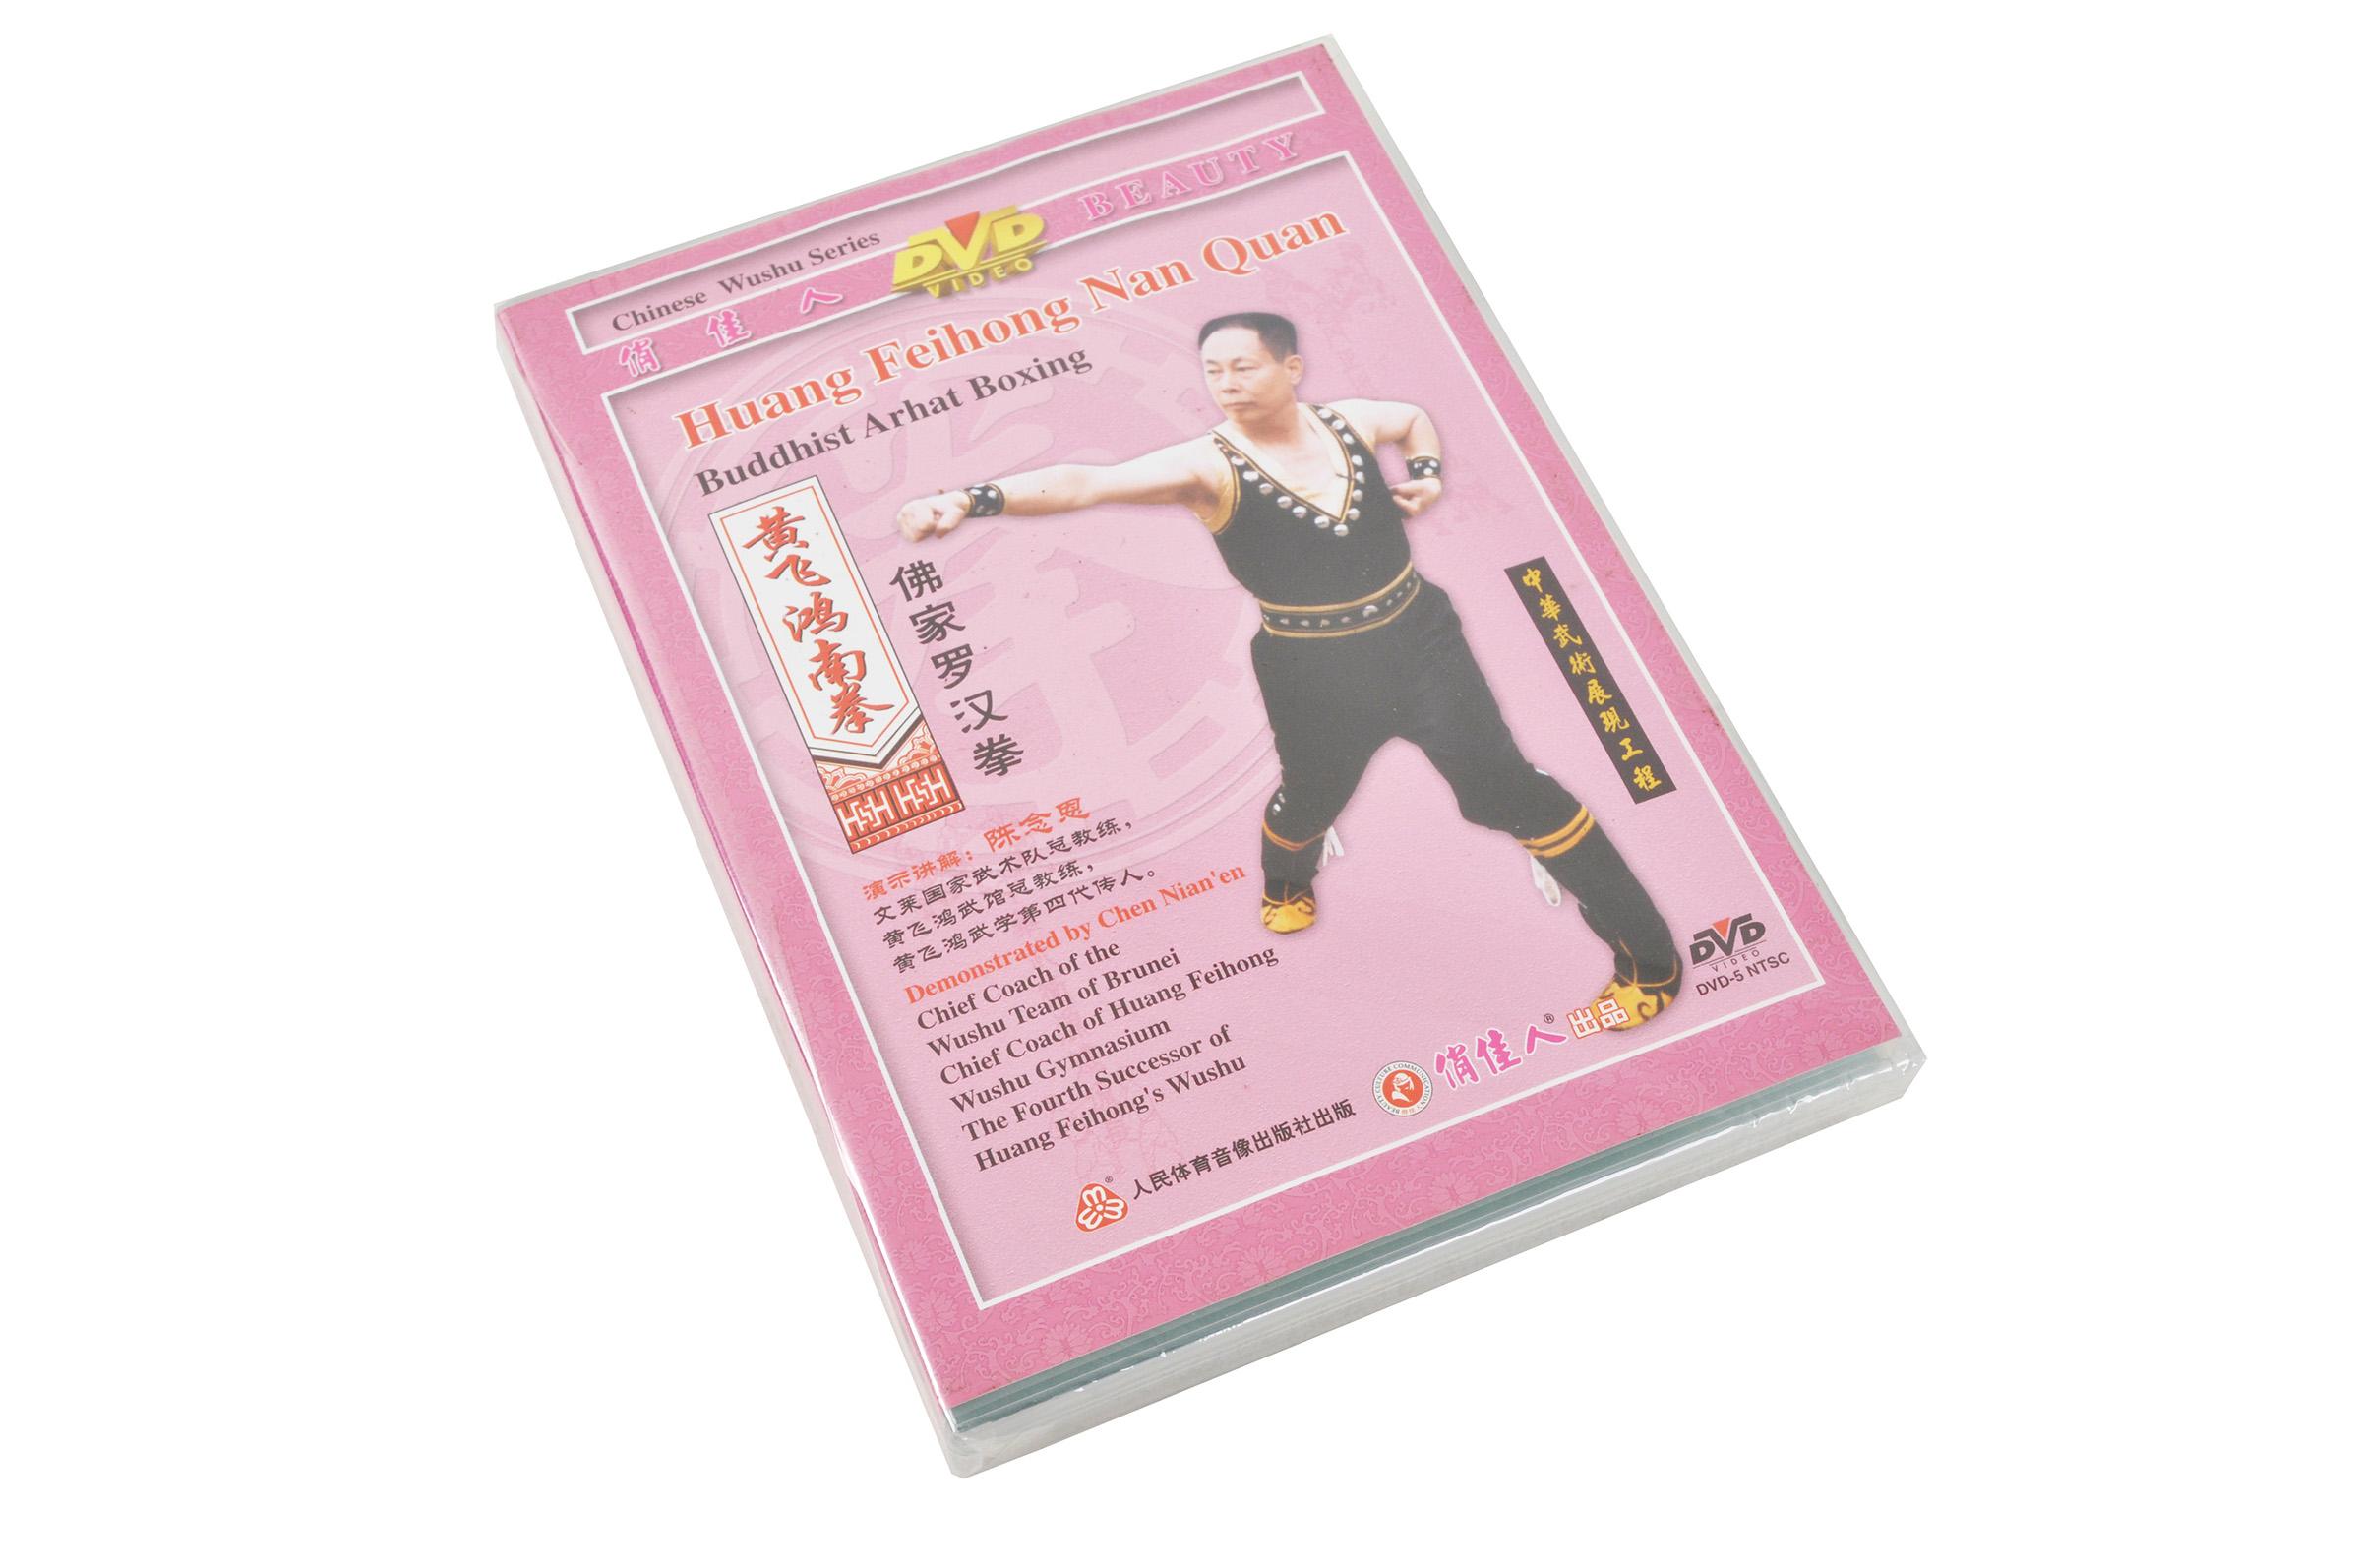 [DVD] Série Nan Quan - Boxe Bouddhiste